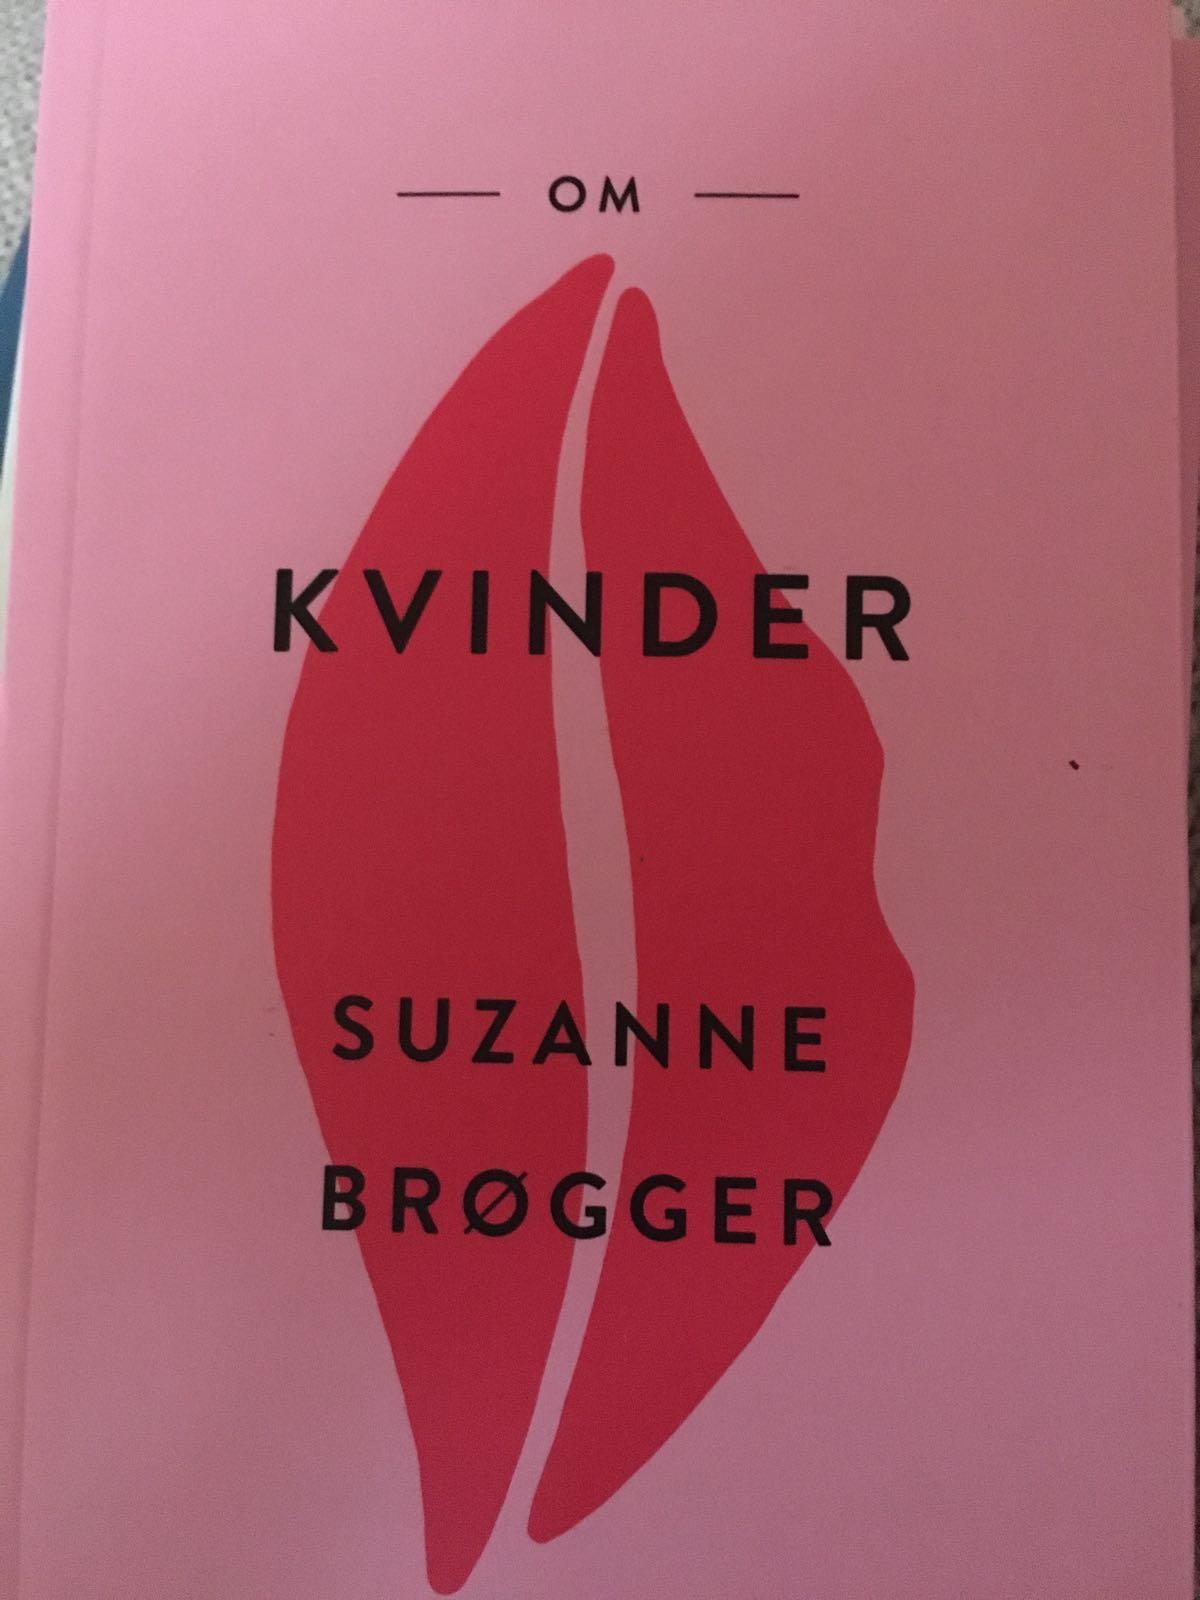 Om kvinder af Suzanne Brøgger